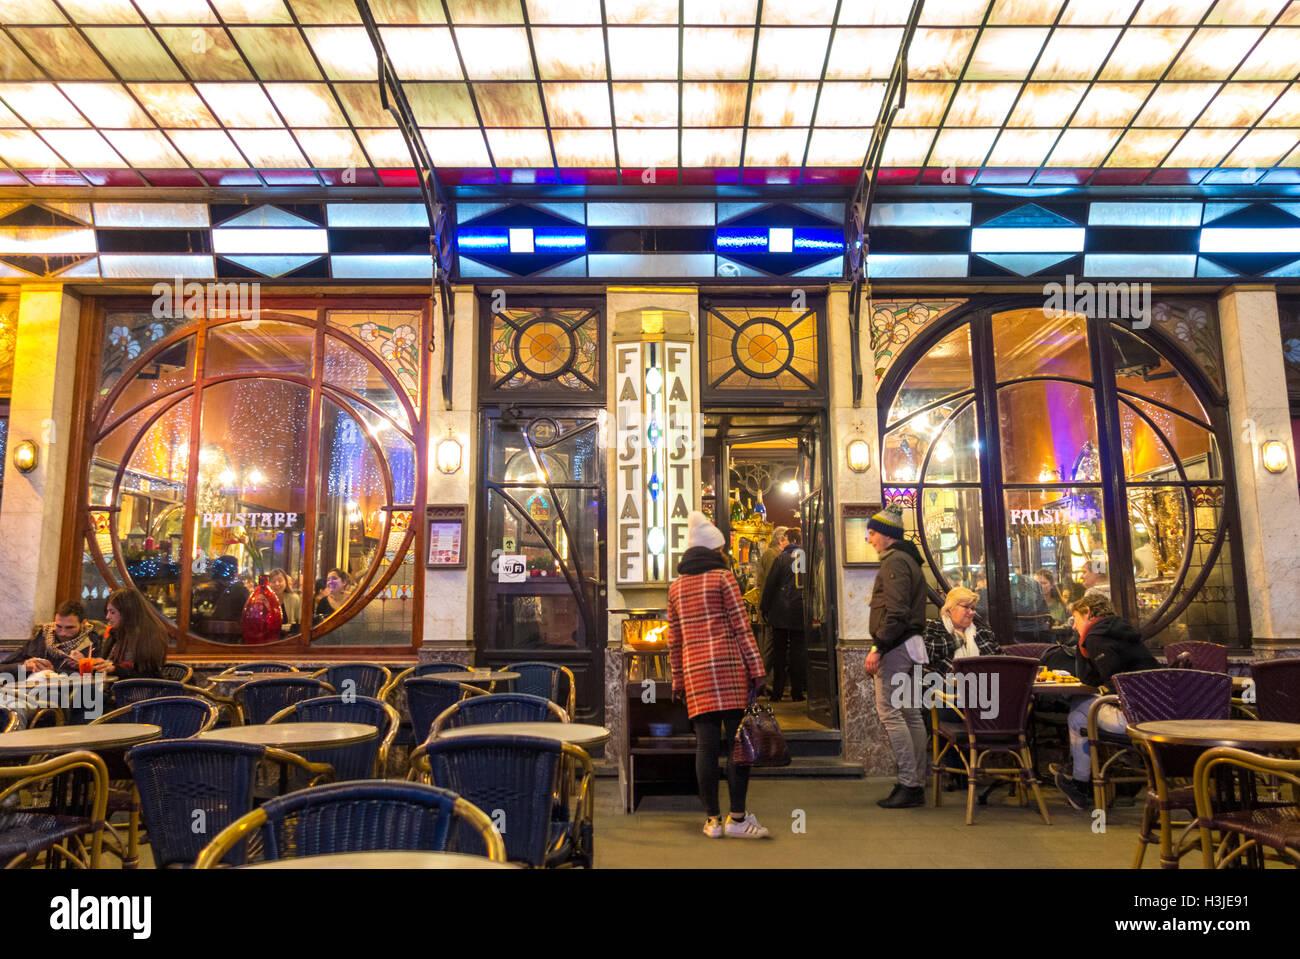 Bruxelles ristorante Le Falstaff cafe bar pub. Famosi pub popolare con interni in stile Liberty. Foto Stock